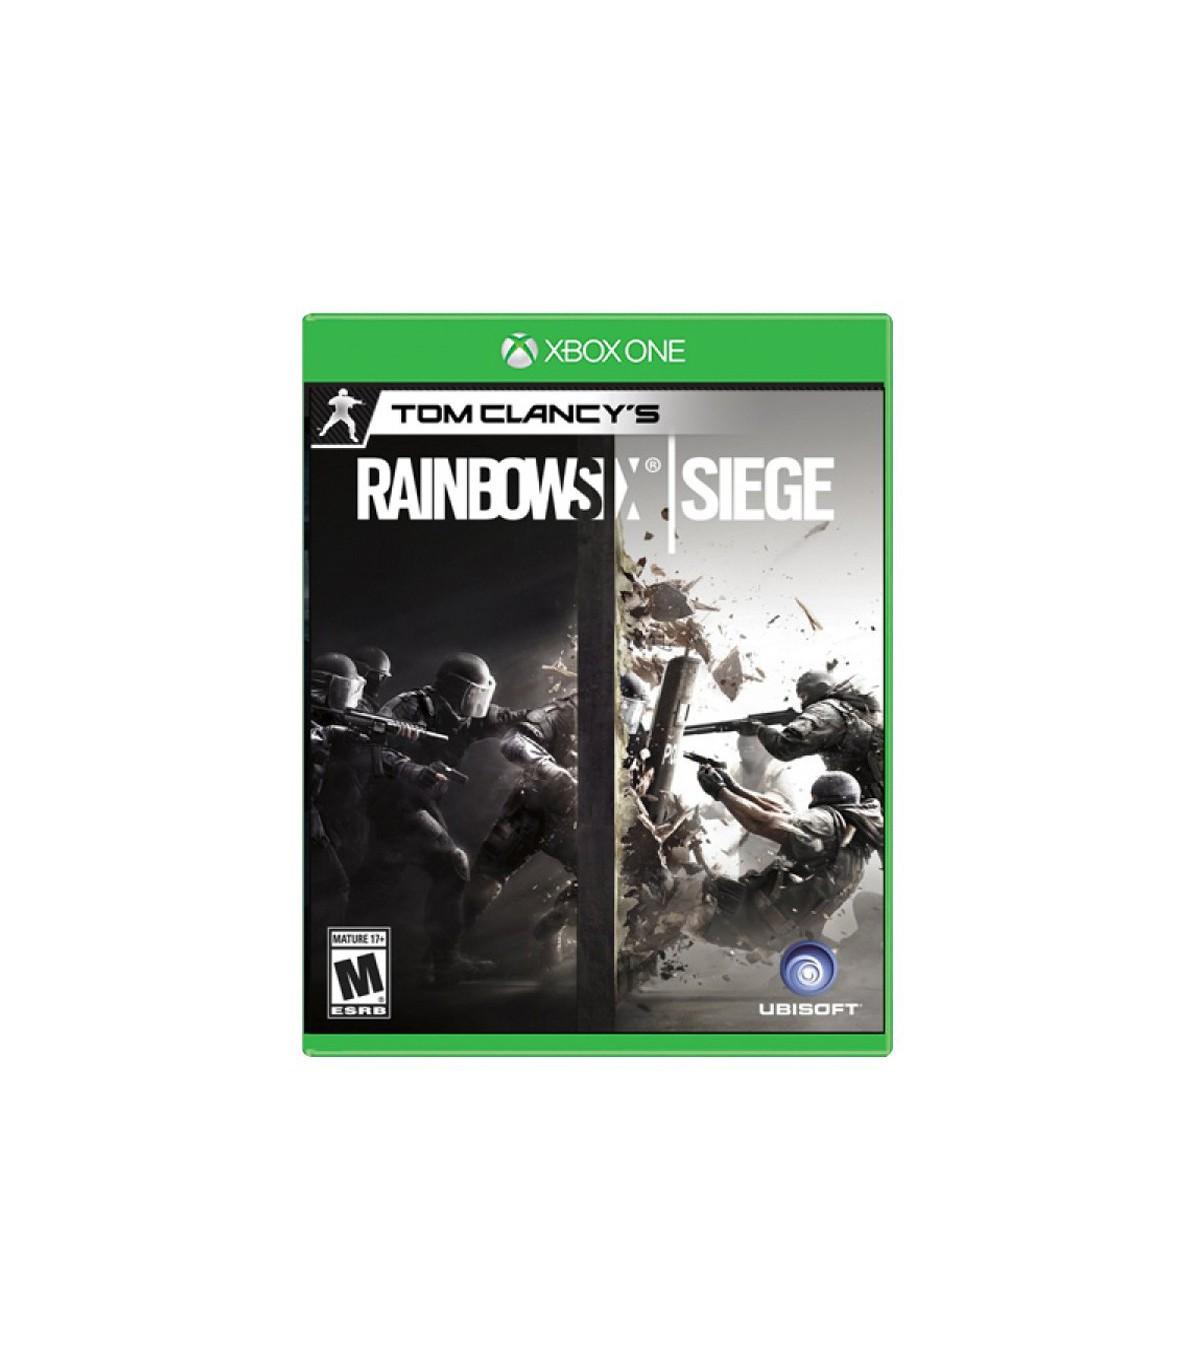 بازی Tom Clancy's Rainbow Six Siege کارکرده - ایکس باکس وان